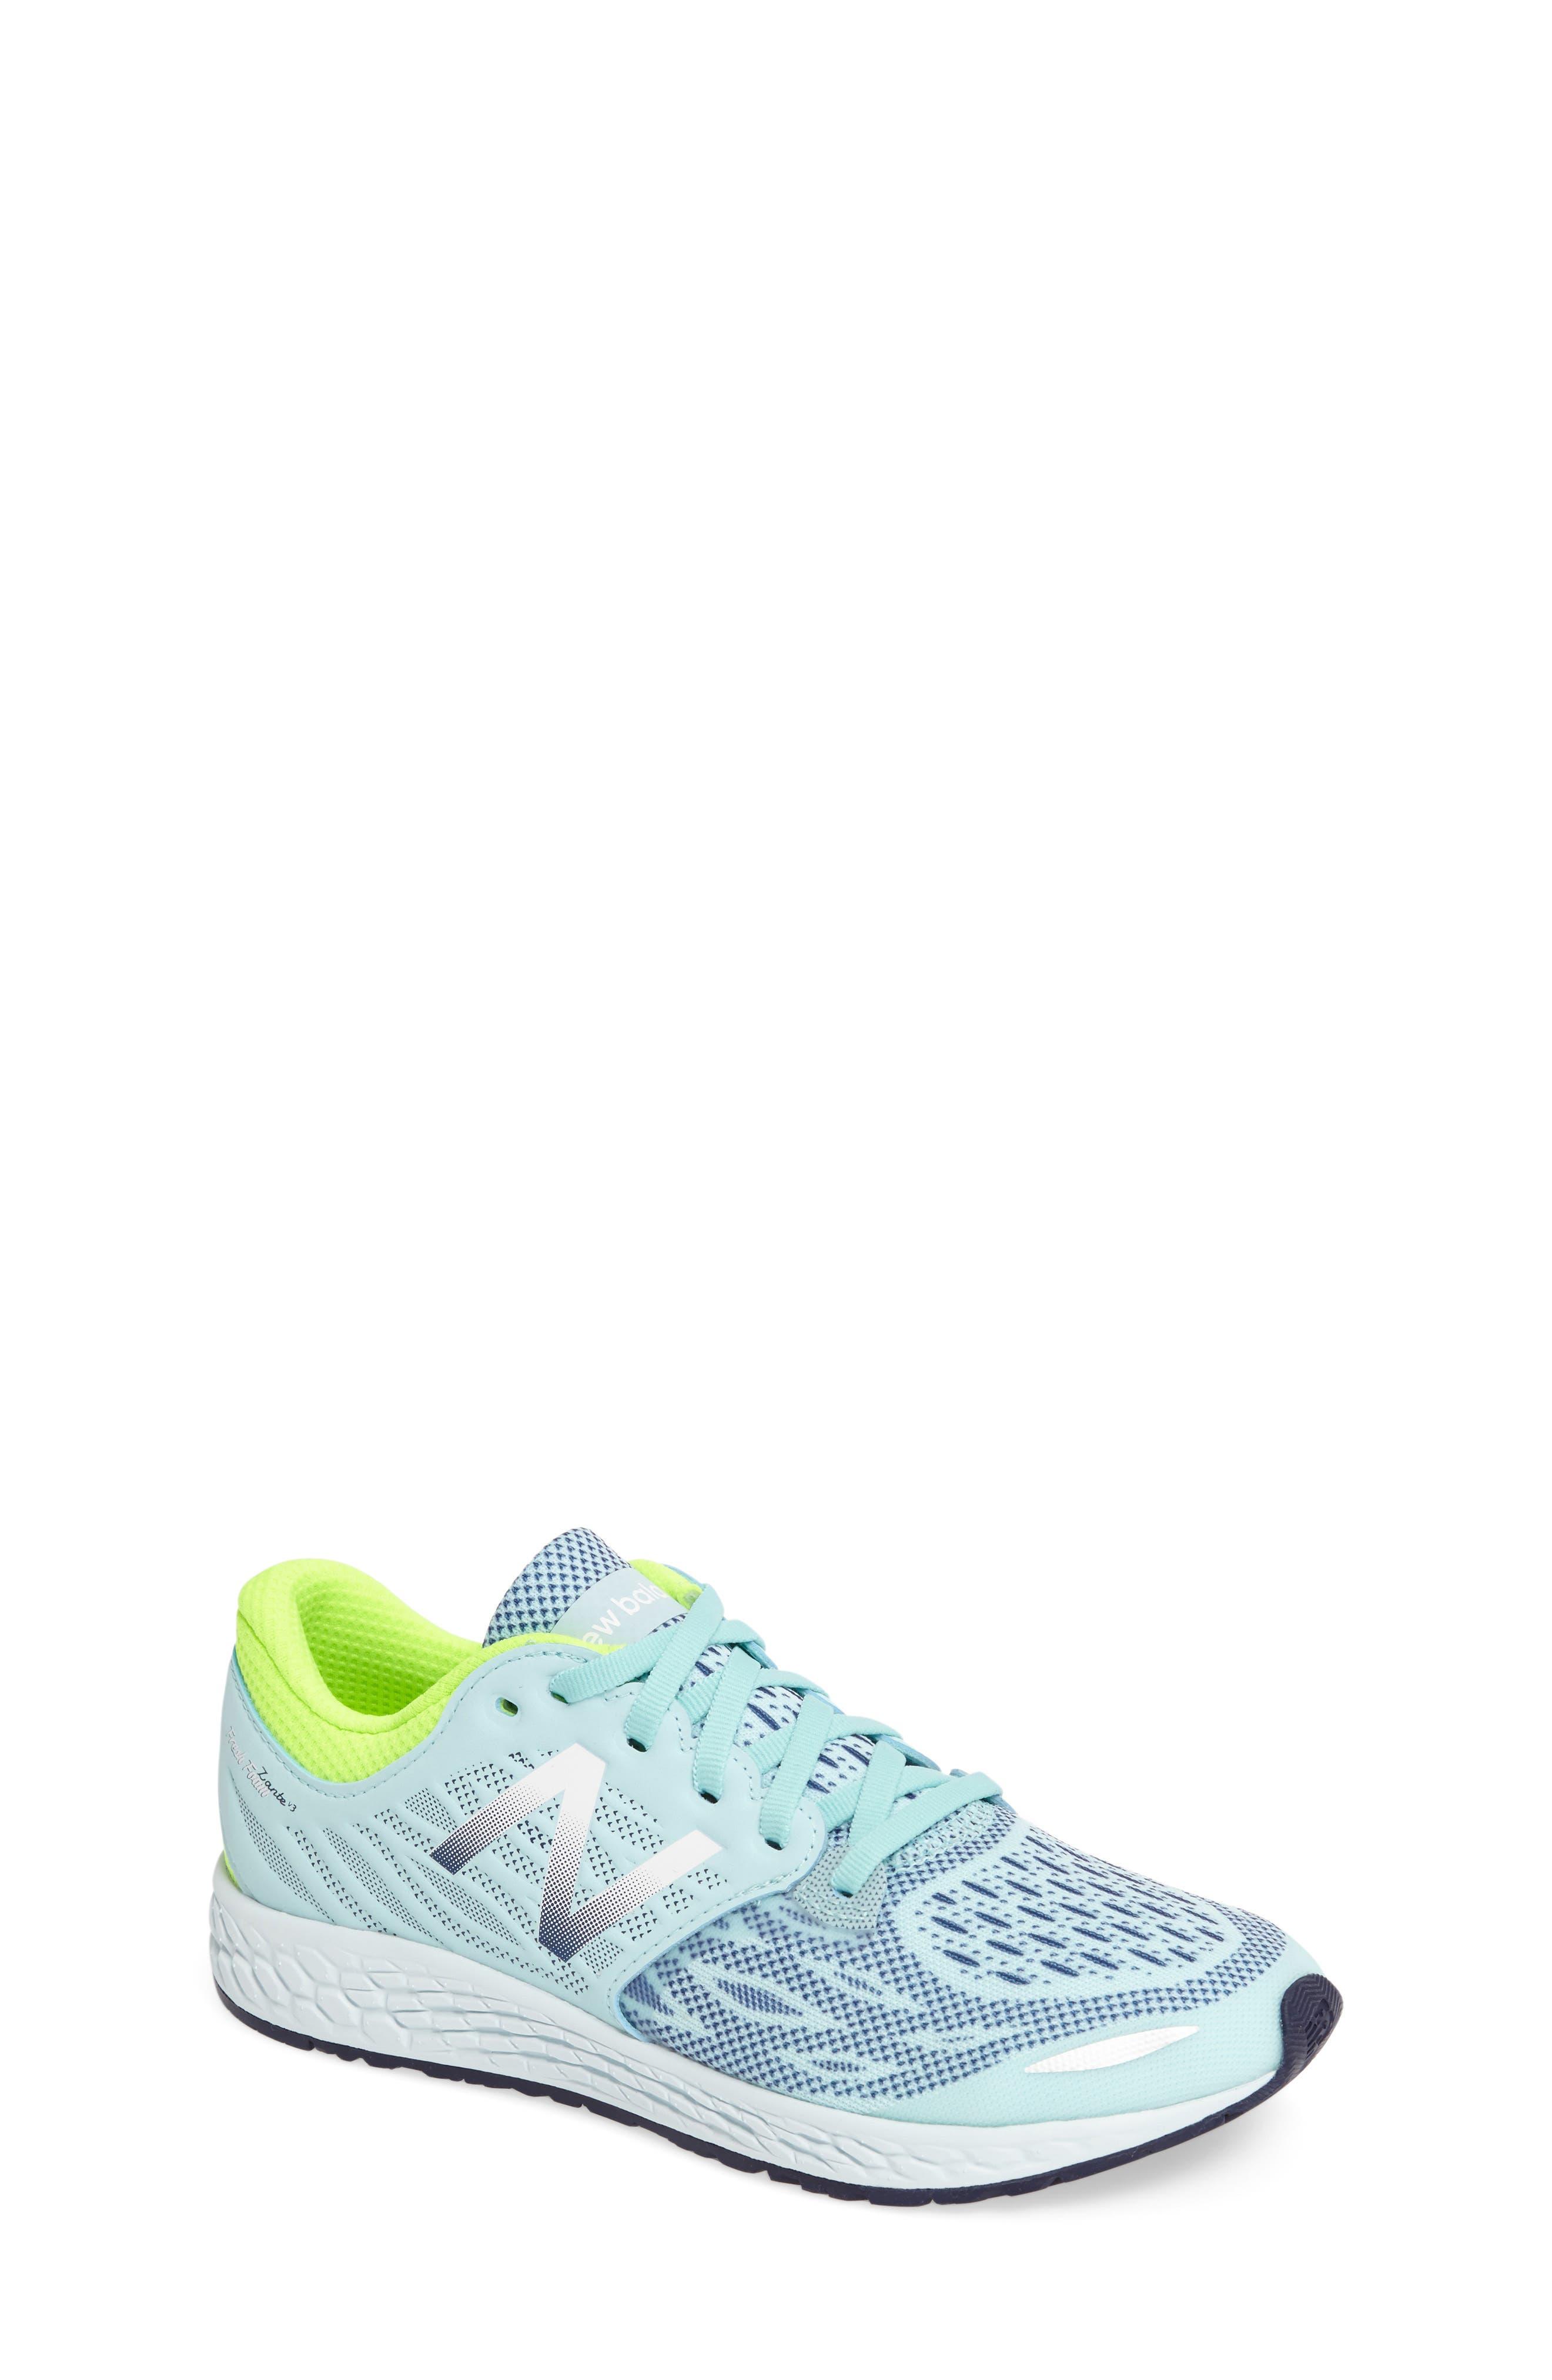 Fresh Foam Sneaker,                         Main,                         color, 445